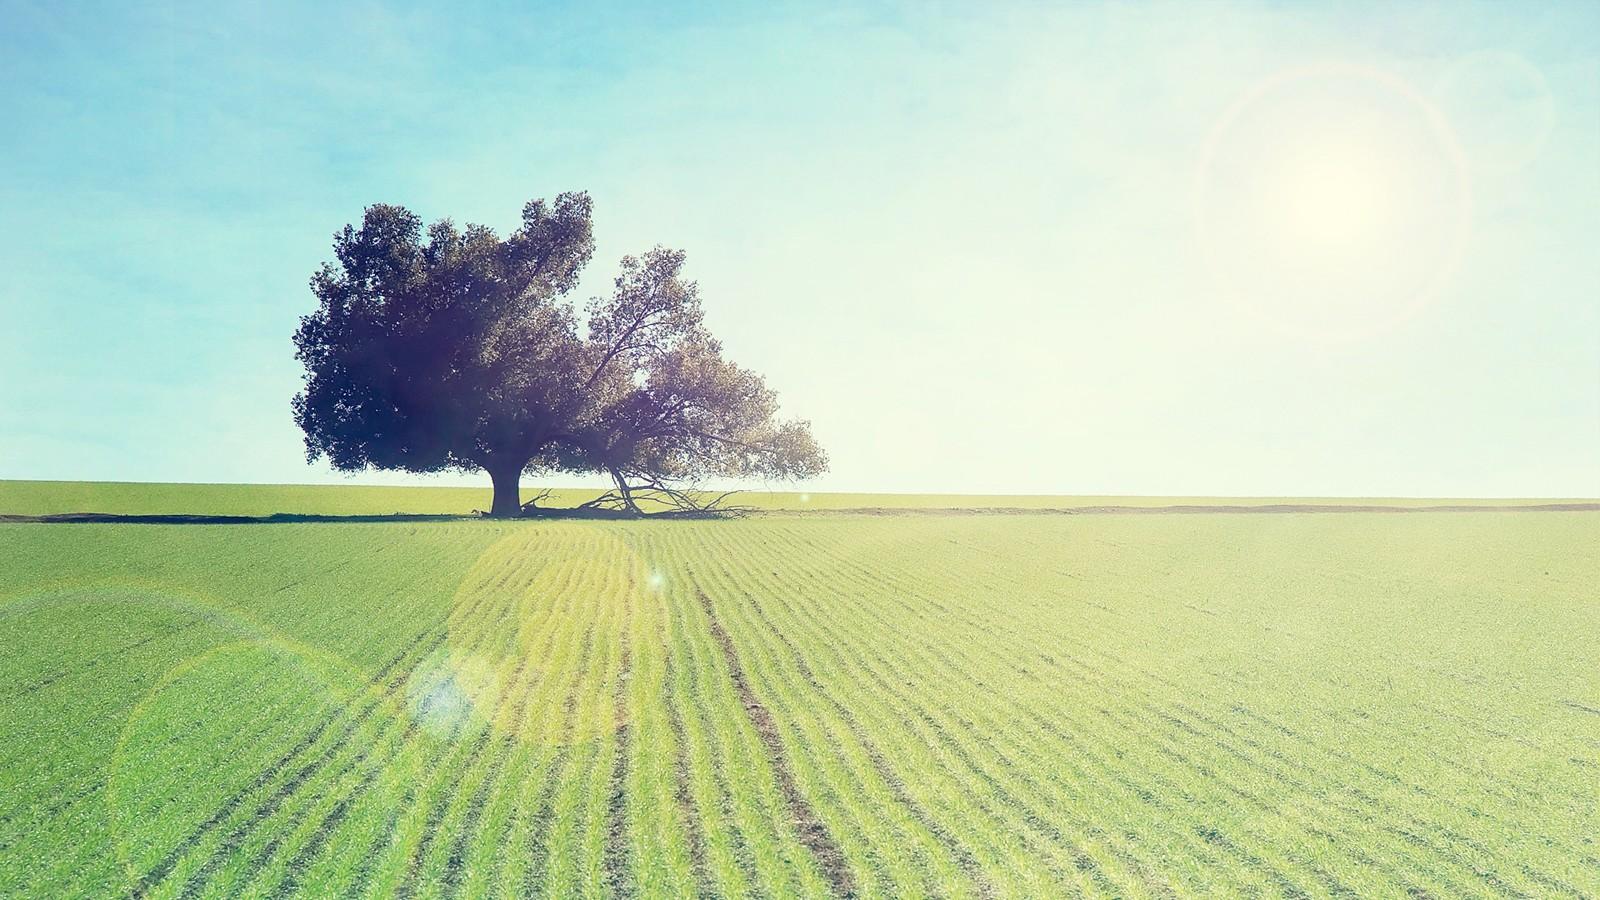 小清新风景纵向